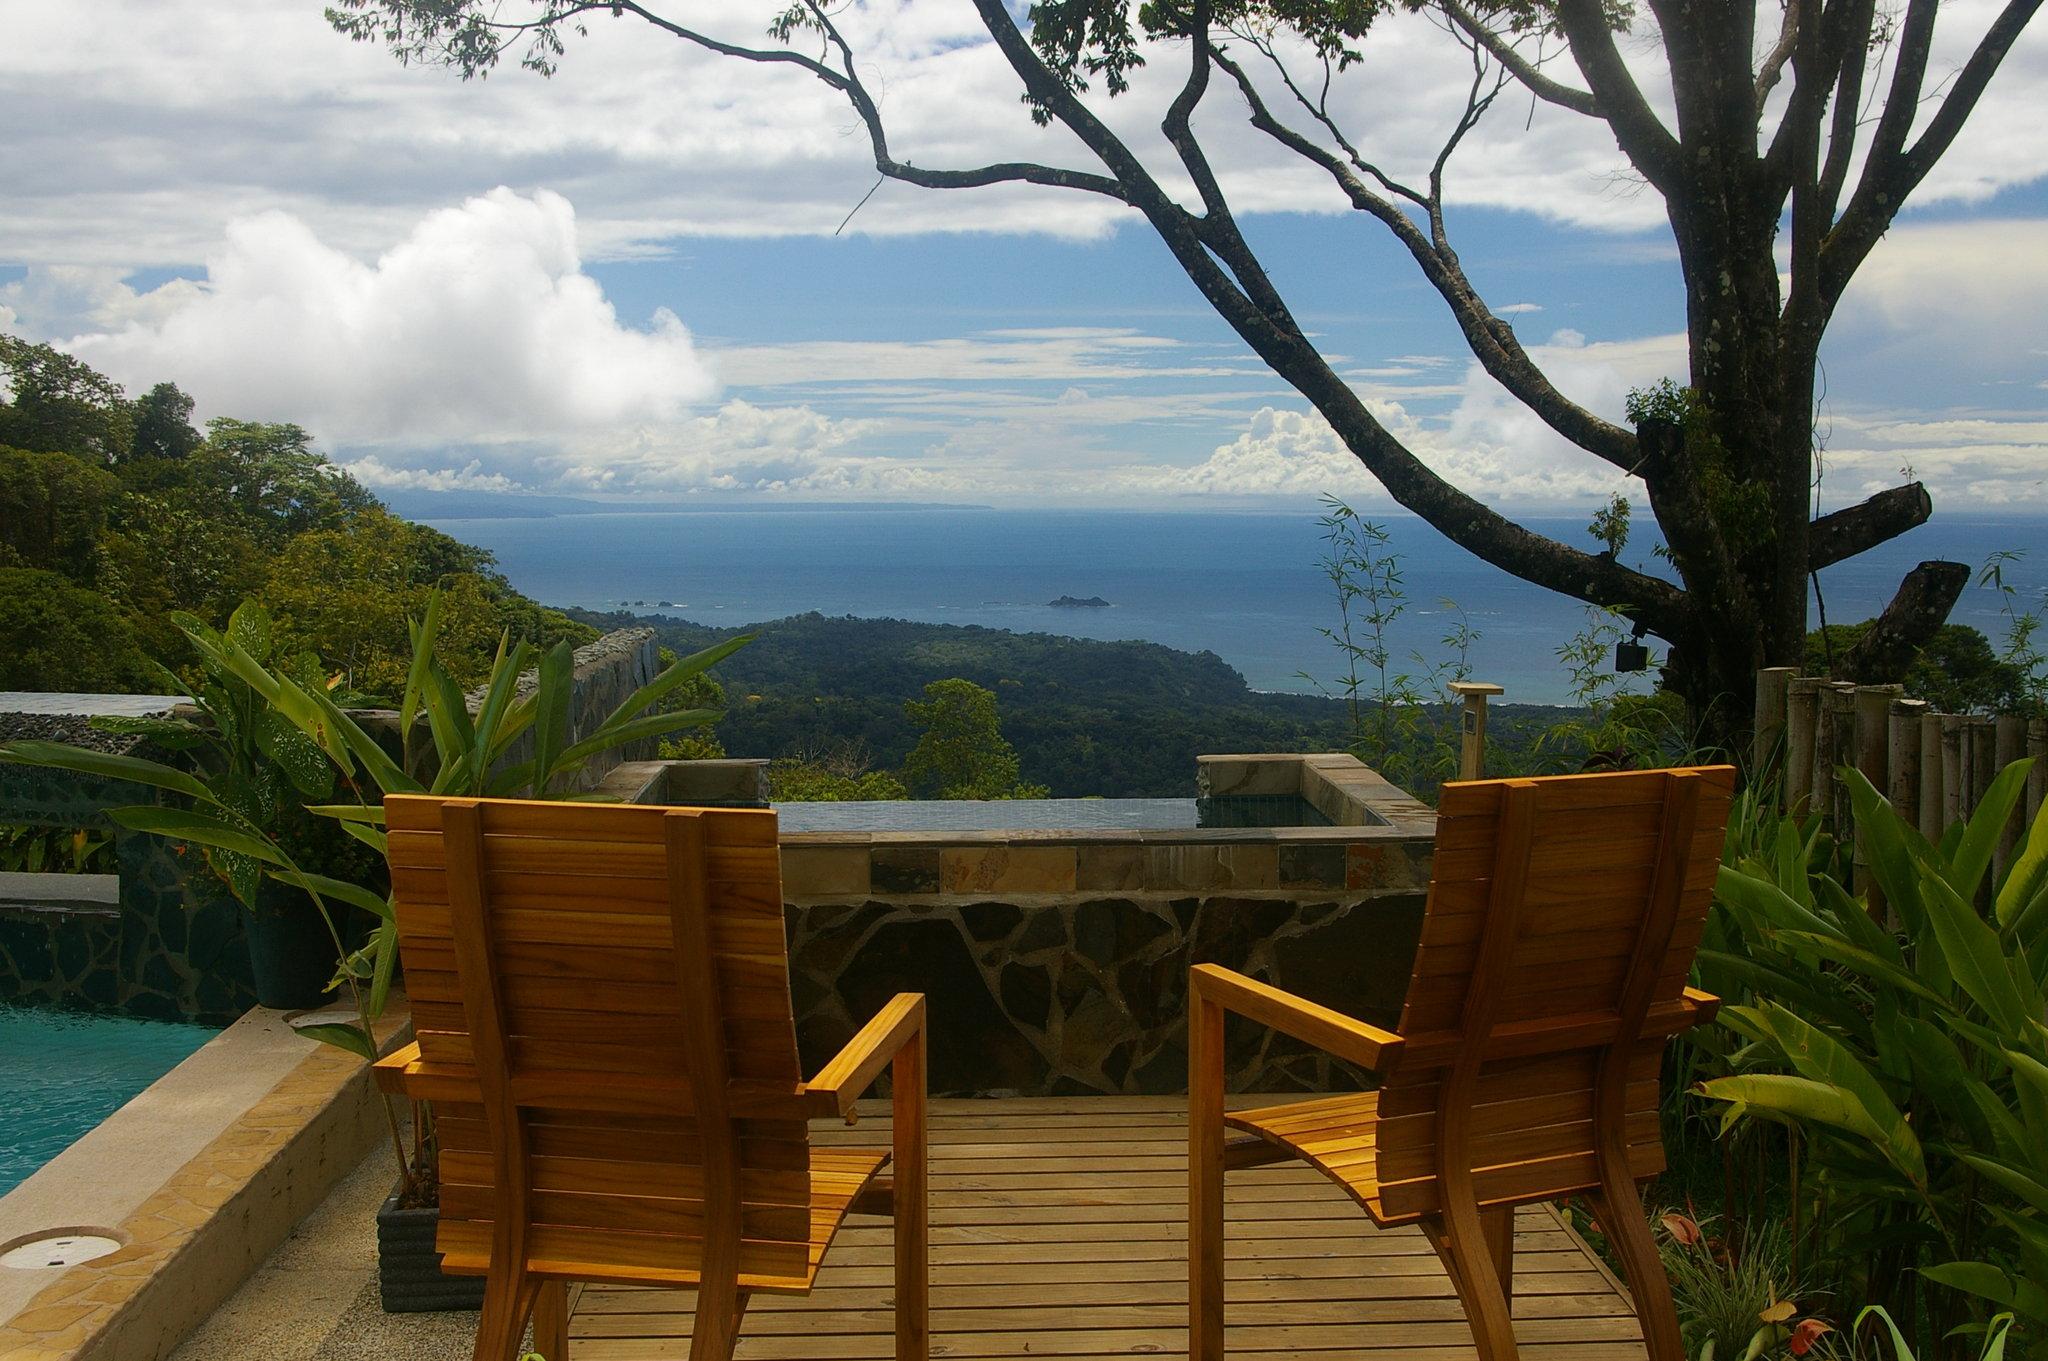 Hoteles con encanto: unas vacaciones en la selva de Costa Rica